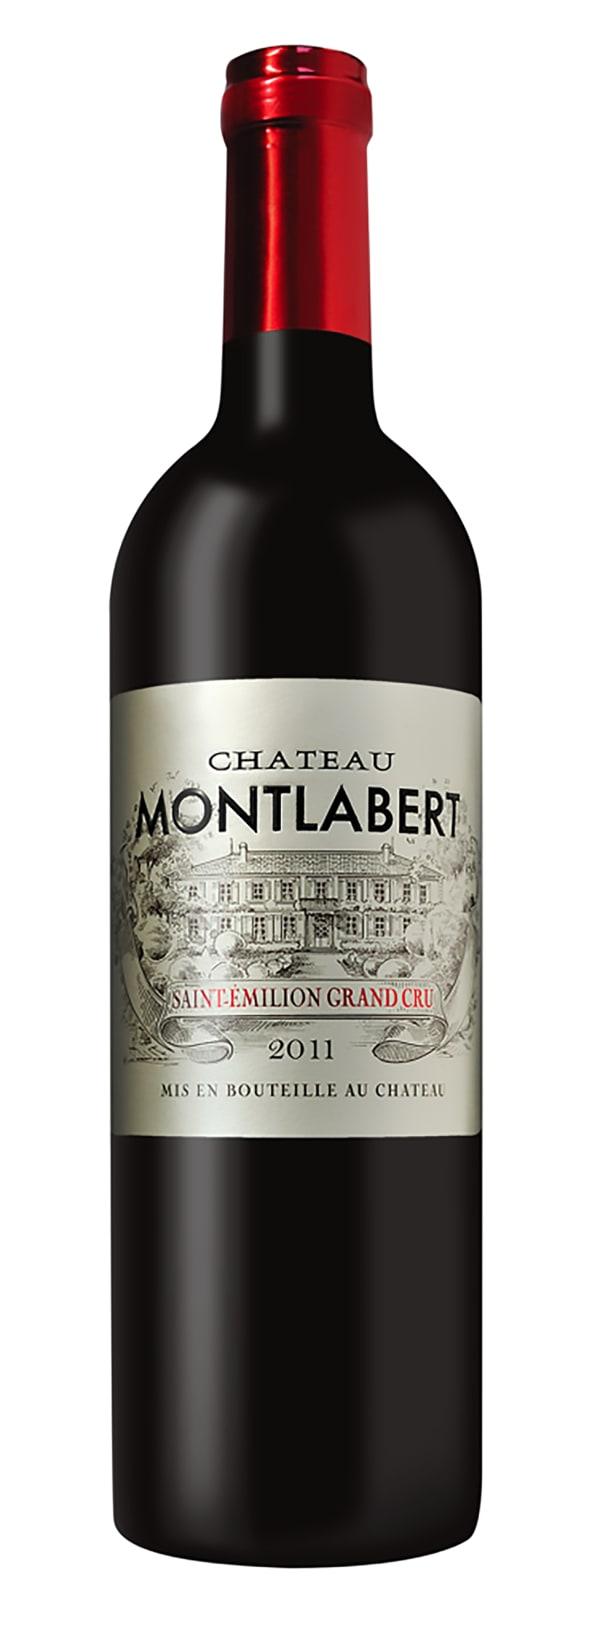 Château Montlabert 2011